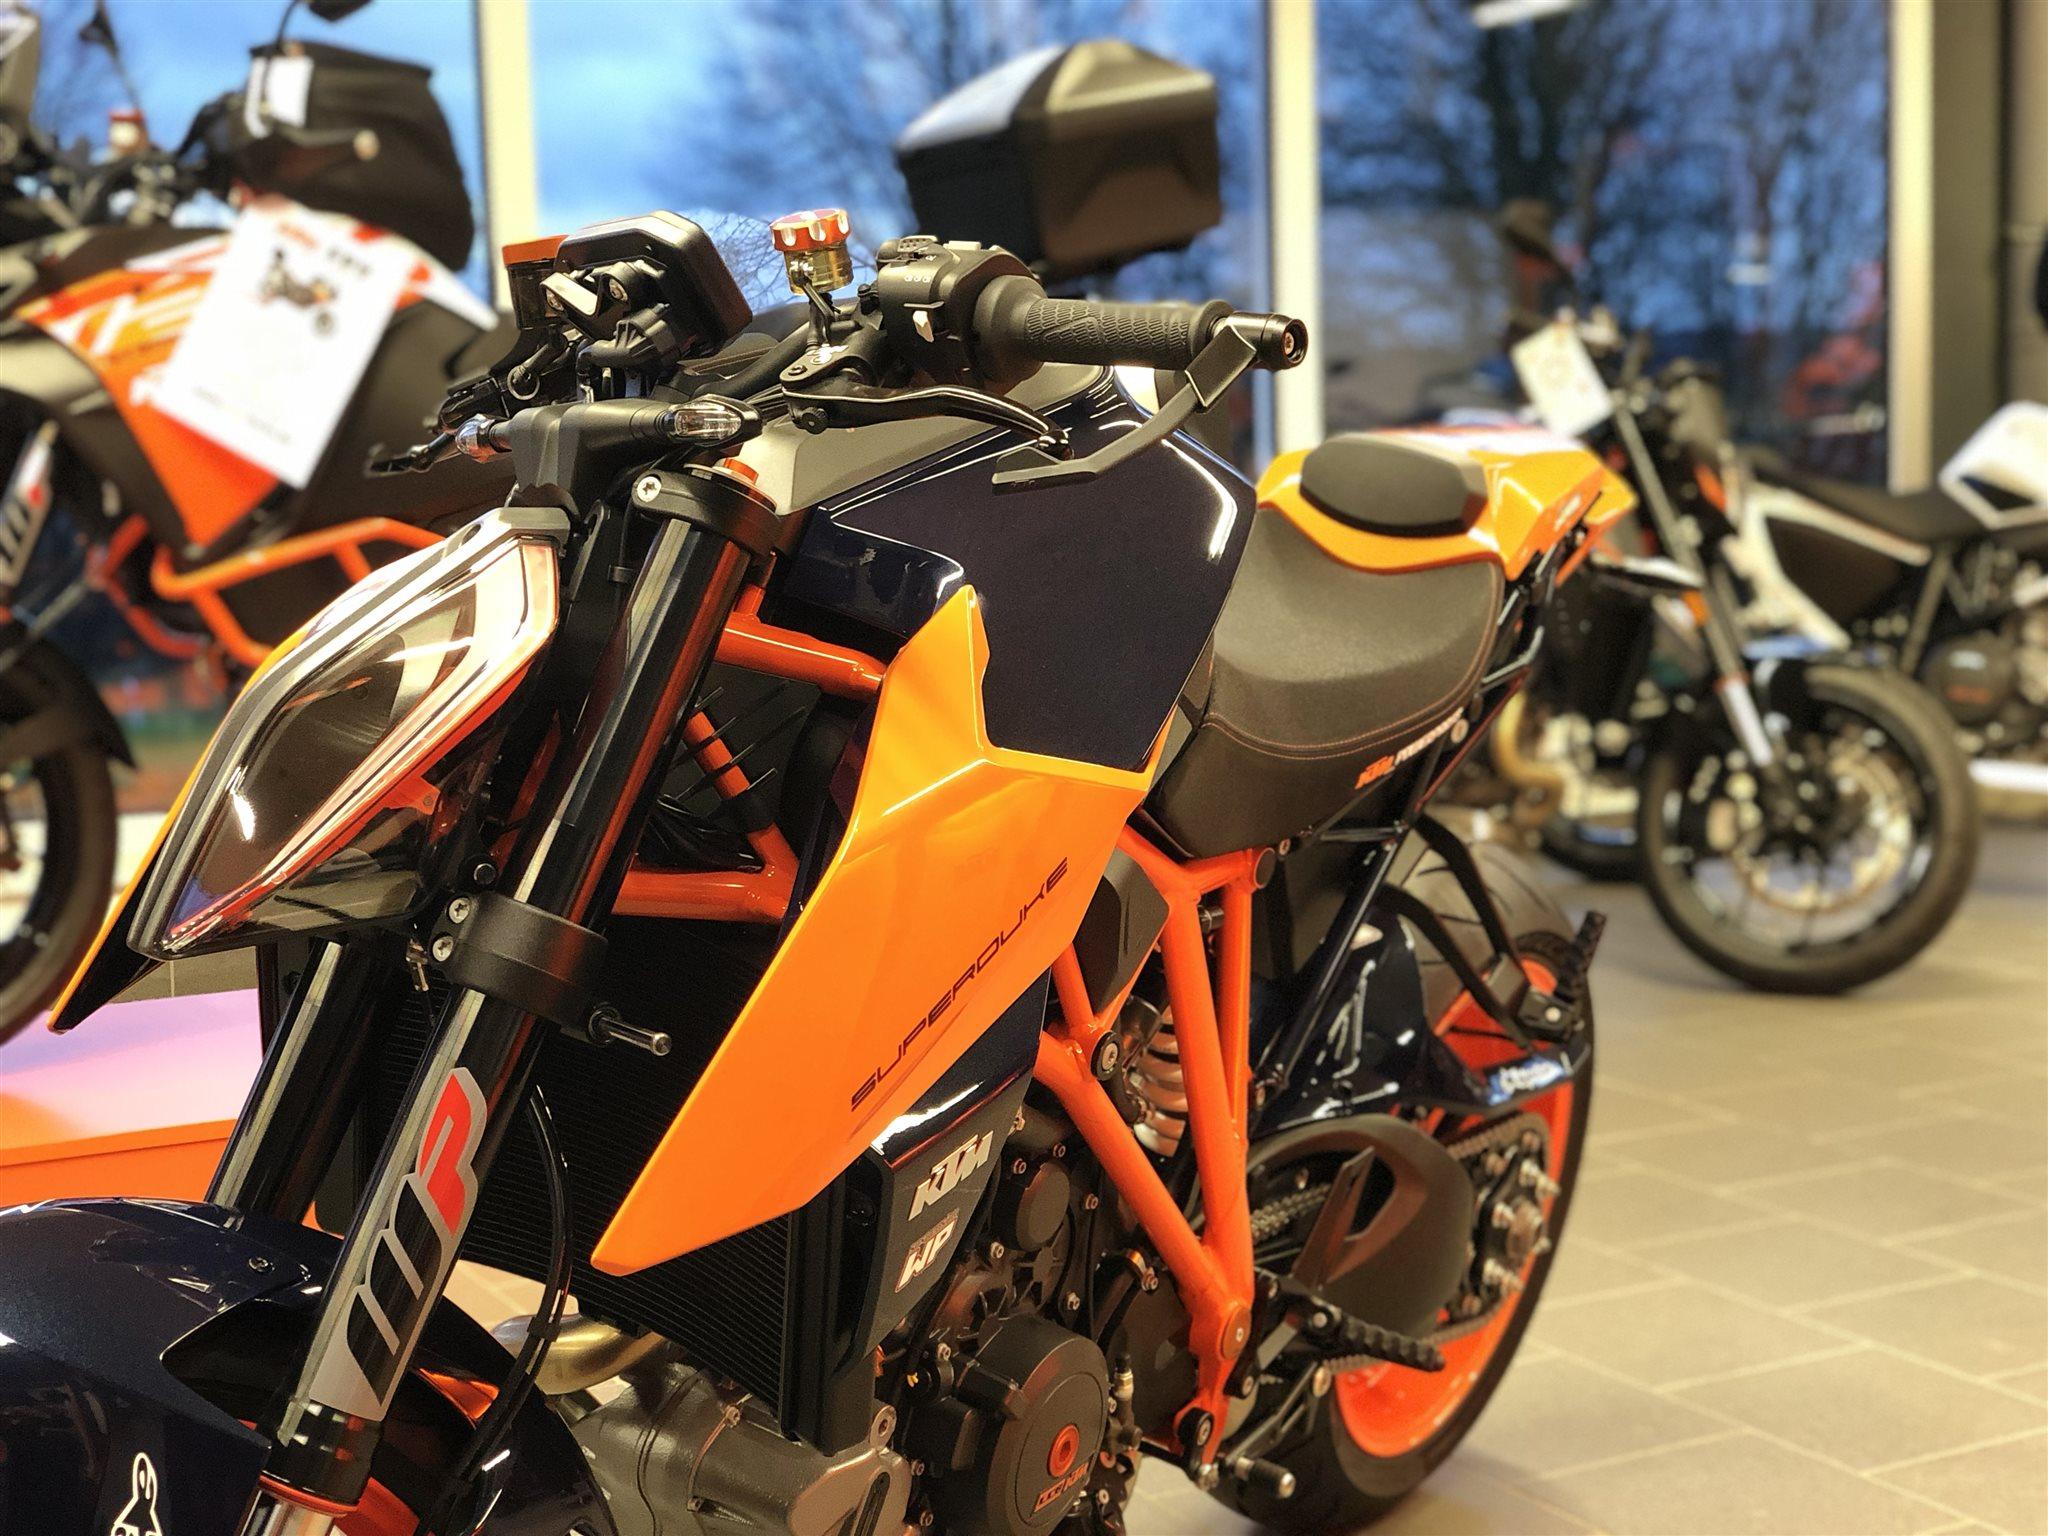 details zum custom bike ktm 1290 super duke r des h ndlers. Black Bedroom Furniture Sets. Home Design Ideas